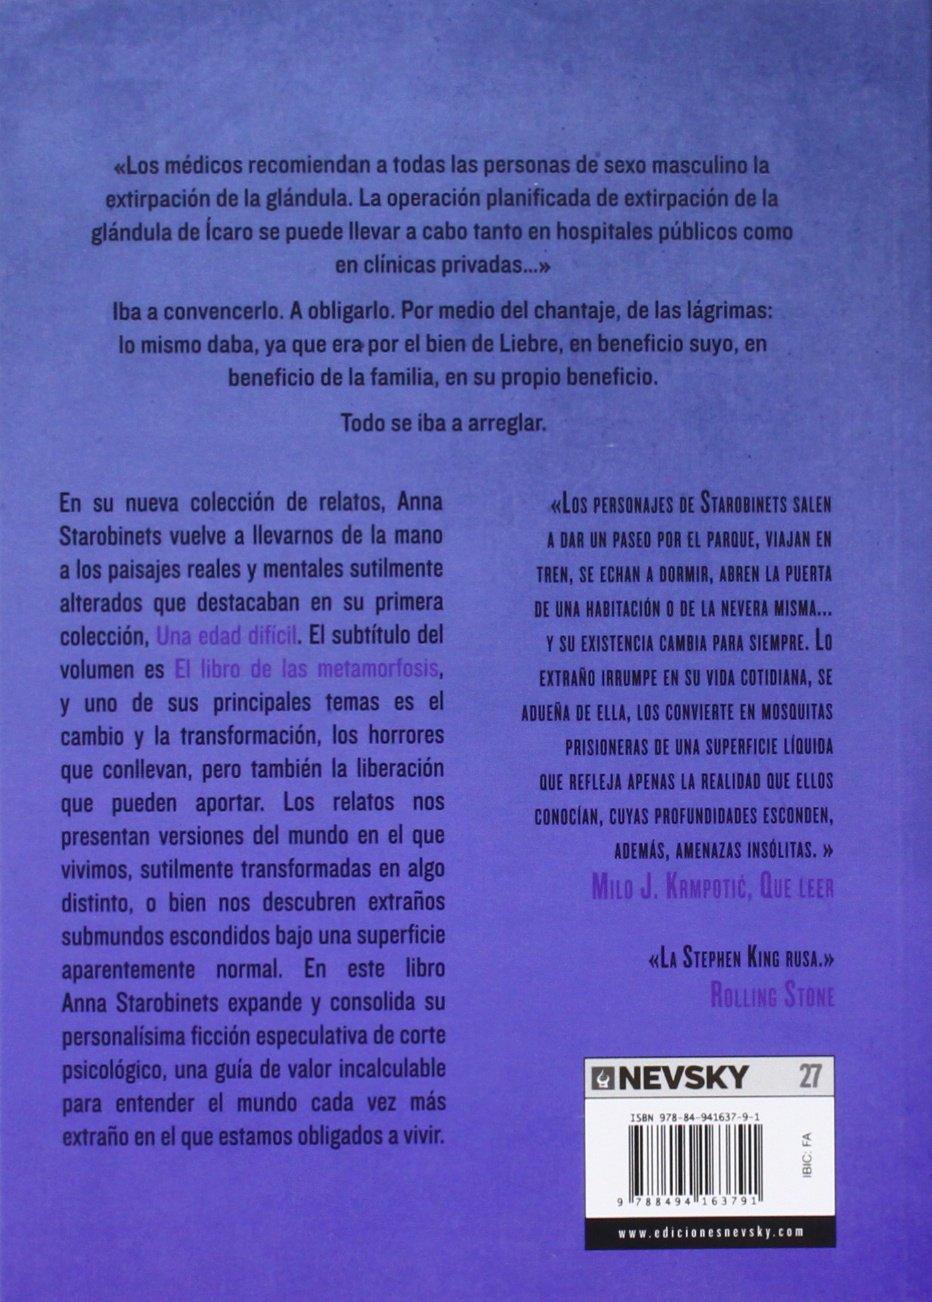 La glándula de Ícaro: El libro de las metamorfosis Narrativa nevsky:  Amazon.es: Anna Starobinets, Fernando Otero Macías: Libros